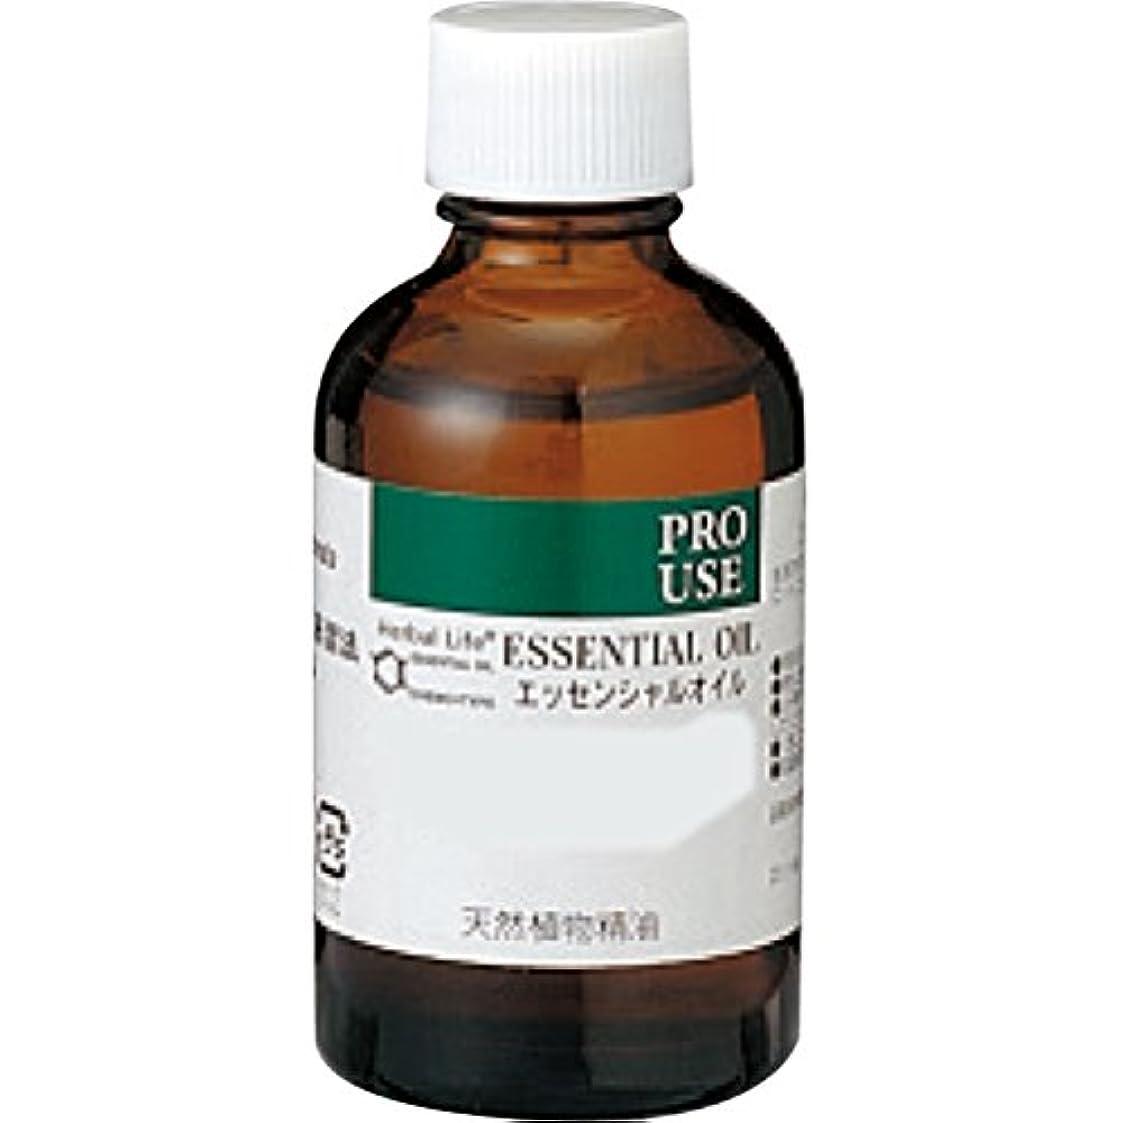 六分儀貫通する自伝Cブラッドオレンジ精油50ml